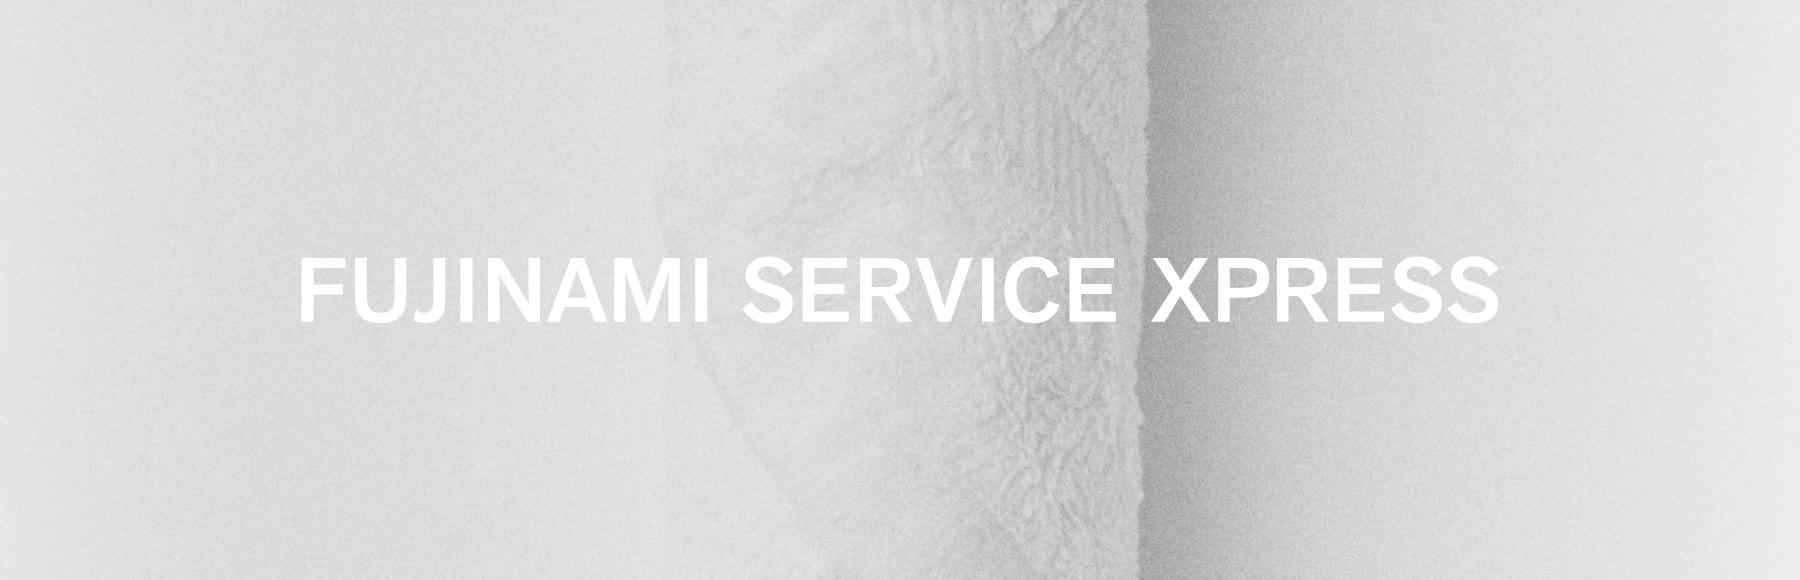 FUJINAMI SERVICE XPRESS